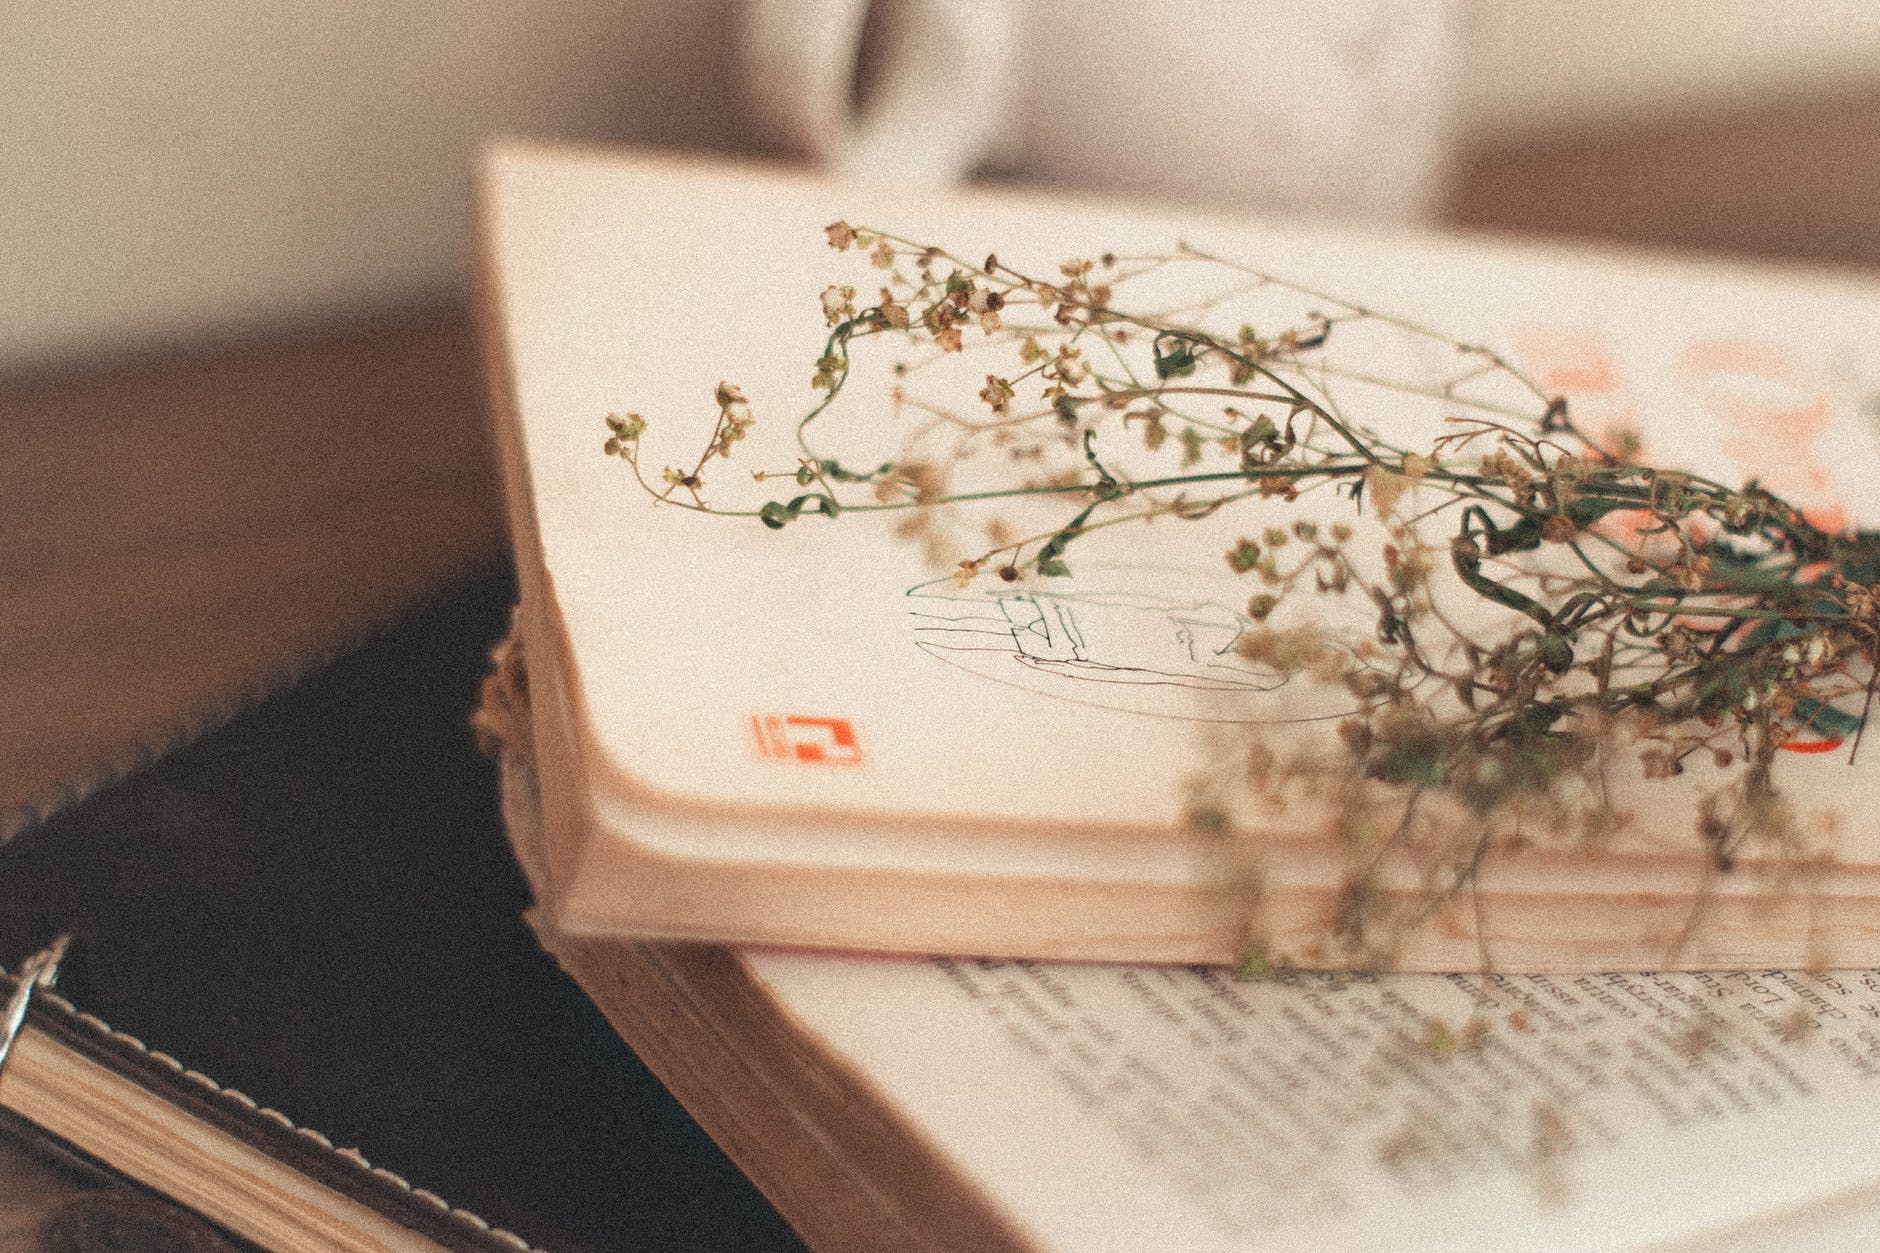 feuille verte sur pile de livres